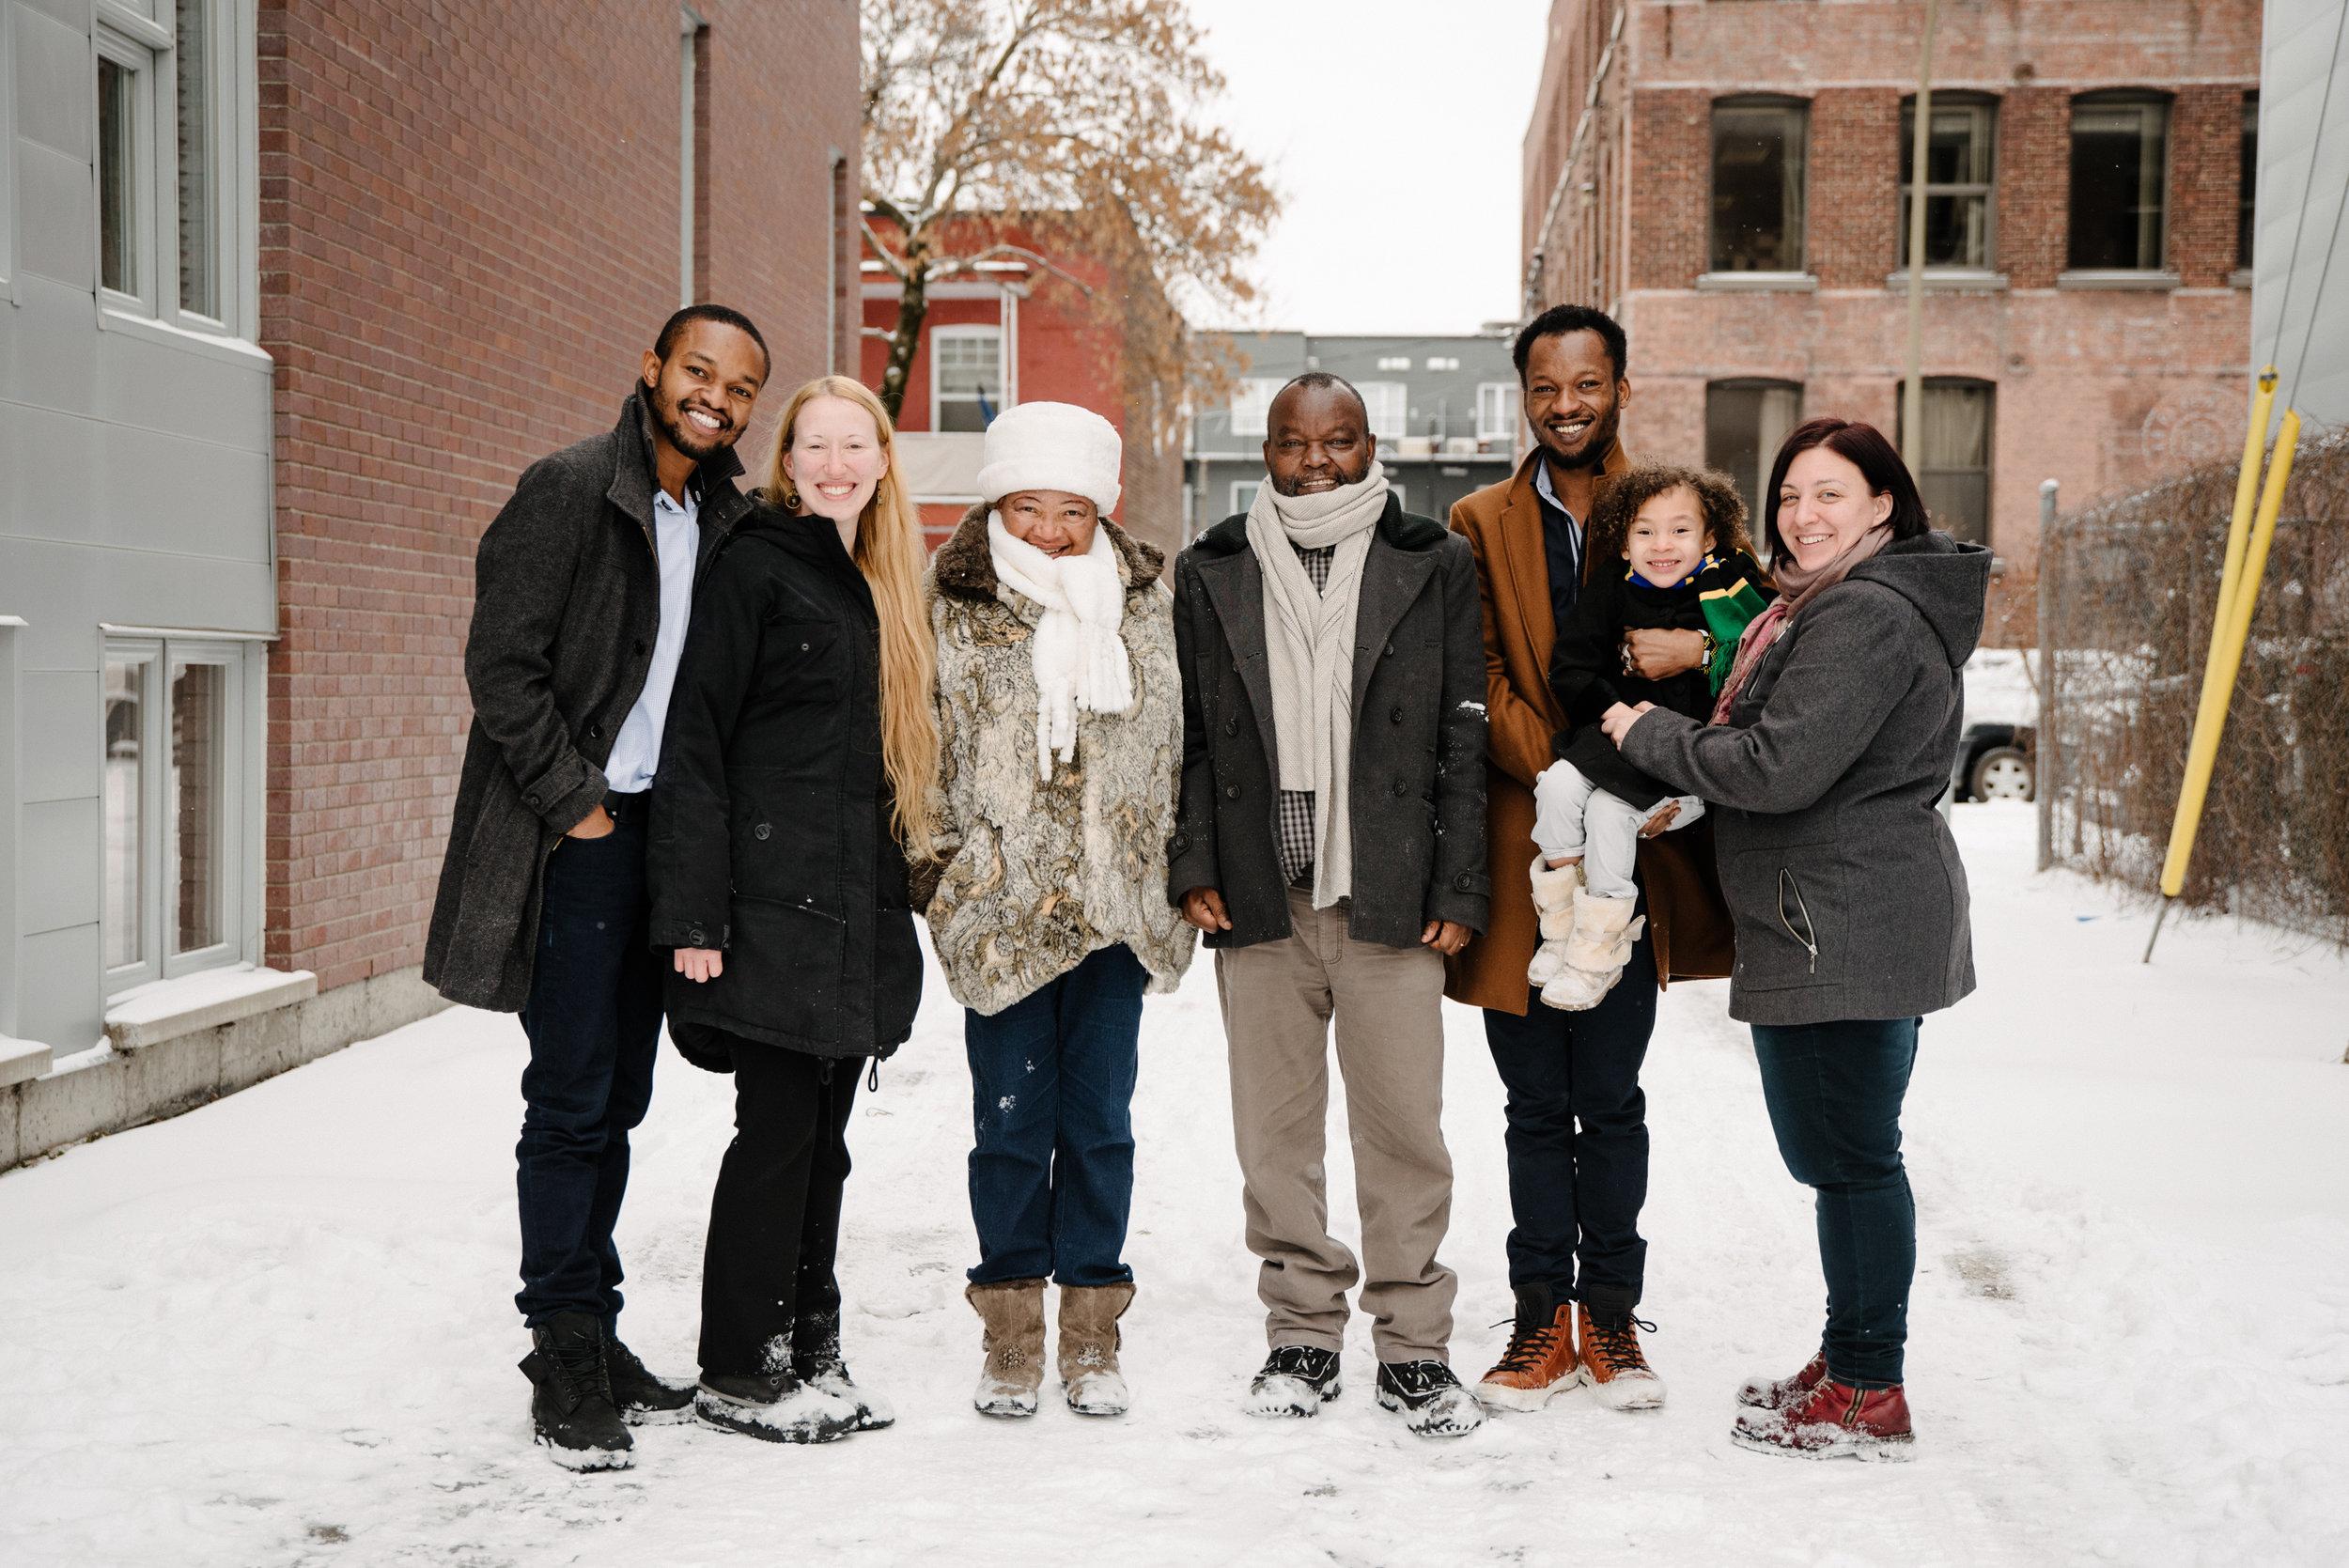 photo-de-famille-qui-joue-dans-la-neige-ruelle-montrealaise-photographe-de-famille-a-montreal-marianne-charland-1637.jpg